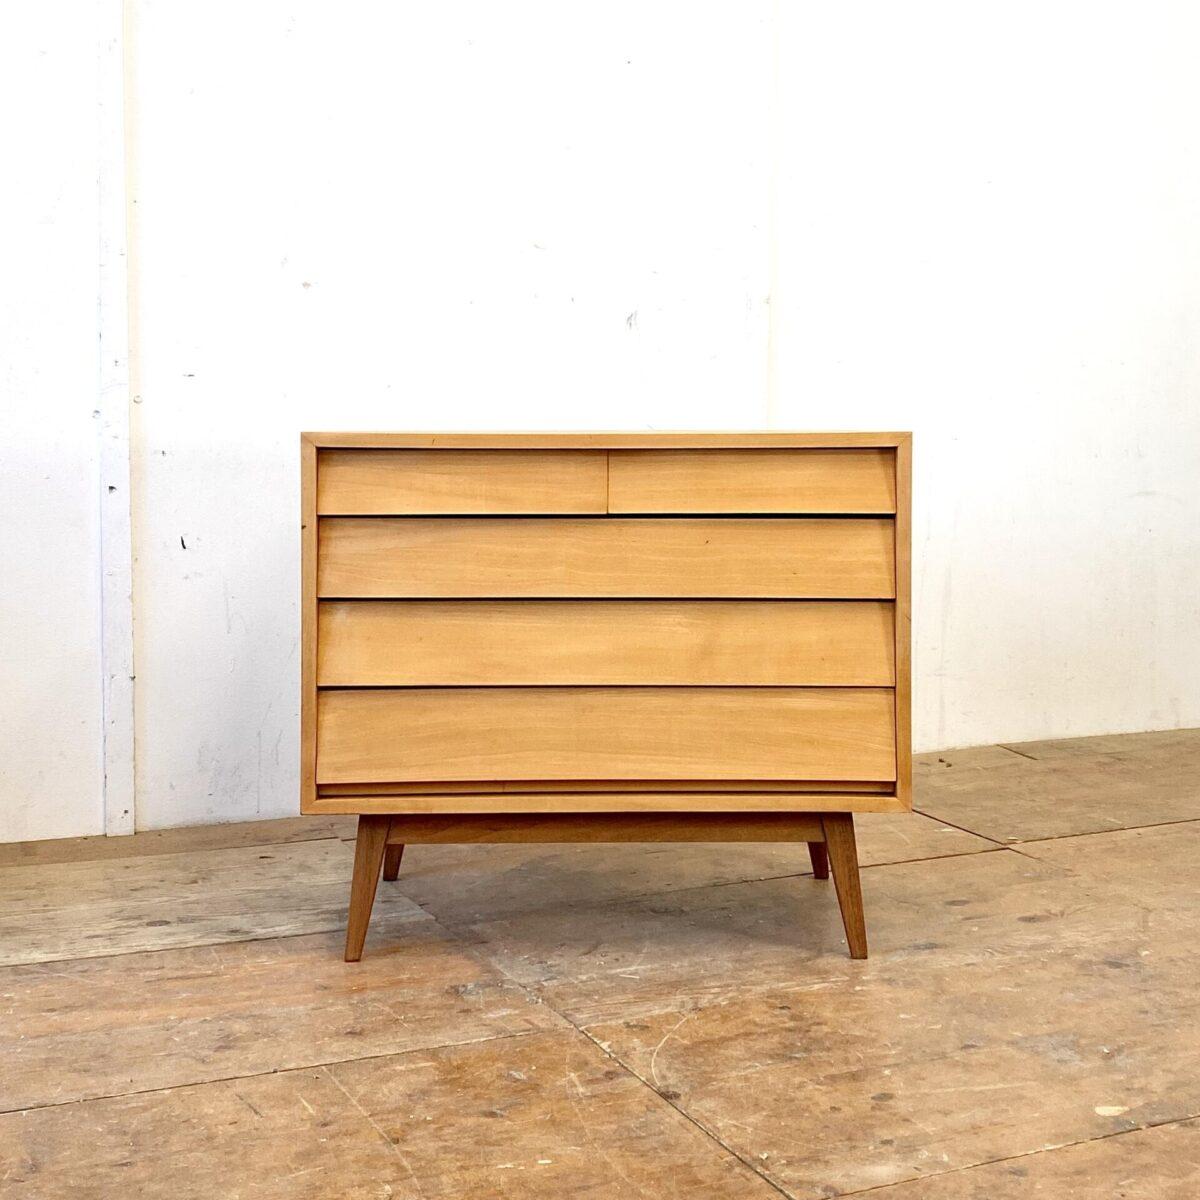 Deuxieme.shop midcentury 60er Jahre Kleider Kommode mit Schubladen aus Ahorn. 80x47cm Höhe 70cm. Die Kommode steht auf Nussbaum Füssen. Der Korpus ist furniert, Schubladenfronten sind aus Vollholz. Das Möbel ist geschliffen und geölt, mögliche Farb Akzente sind noch offen.